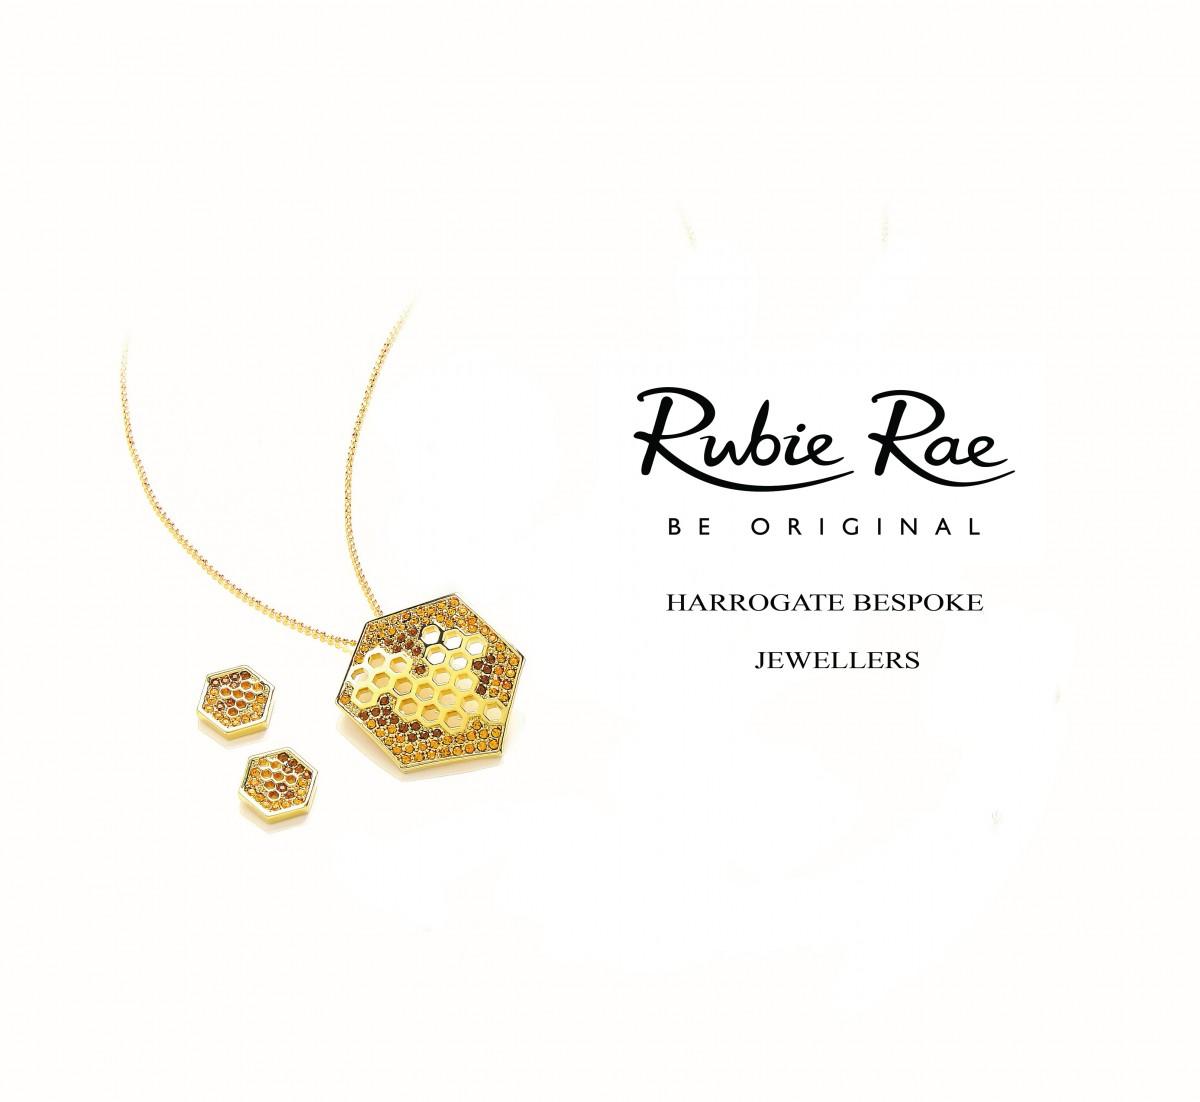 Rubie Rae Nectar